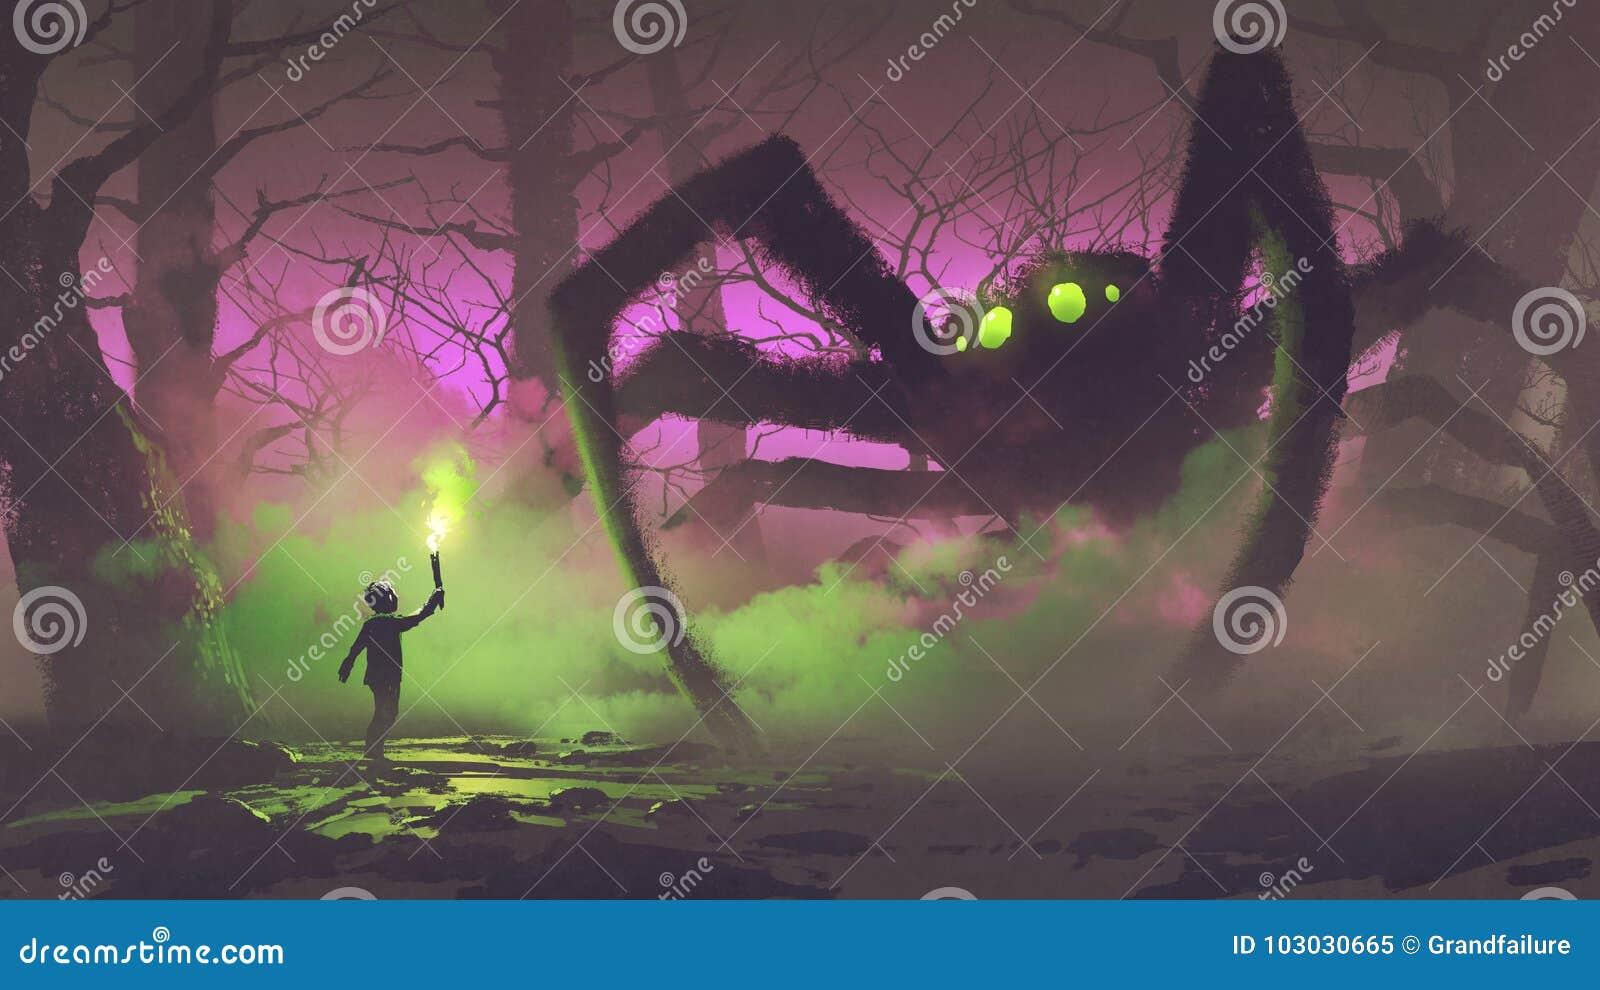 Der Junge mit einer Fackel, die riesige Spinne gegenüberstellt